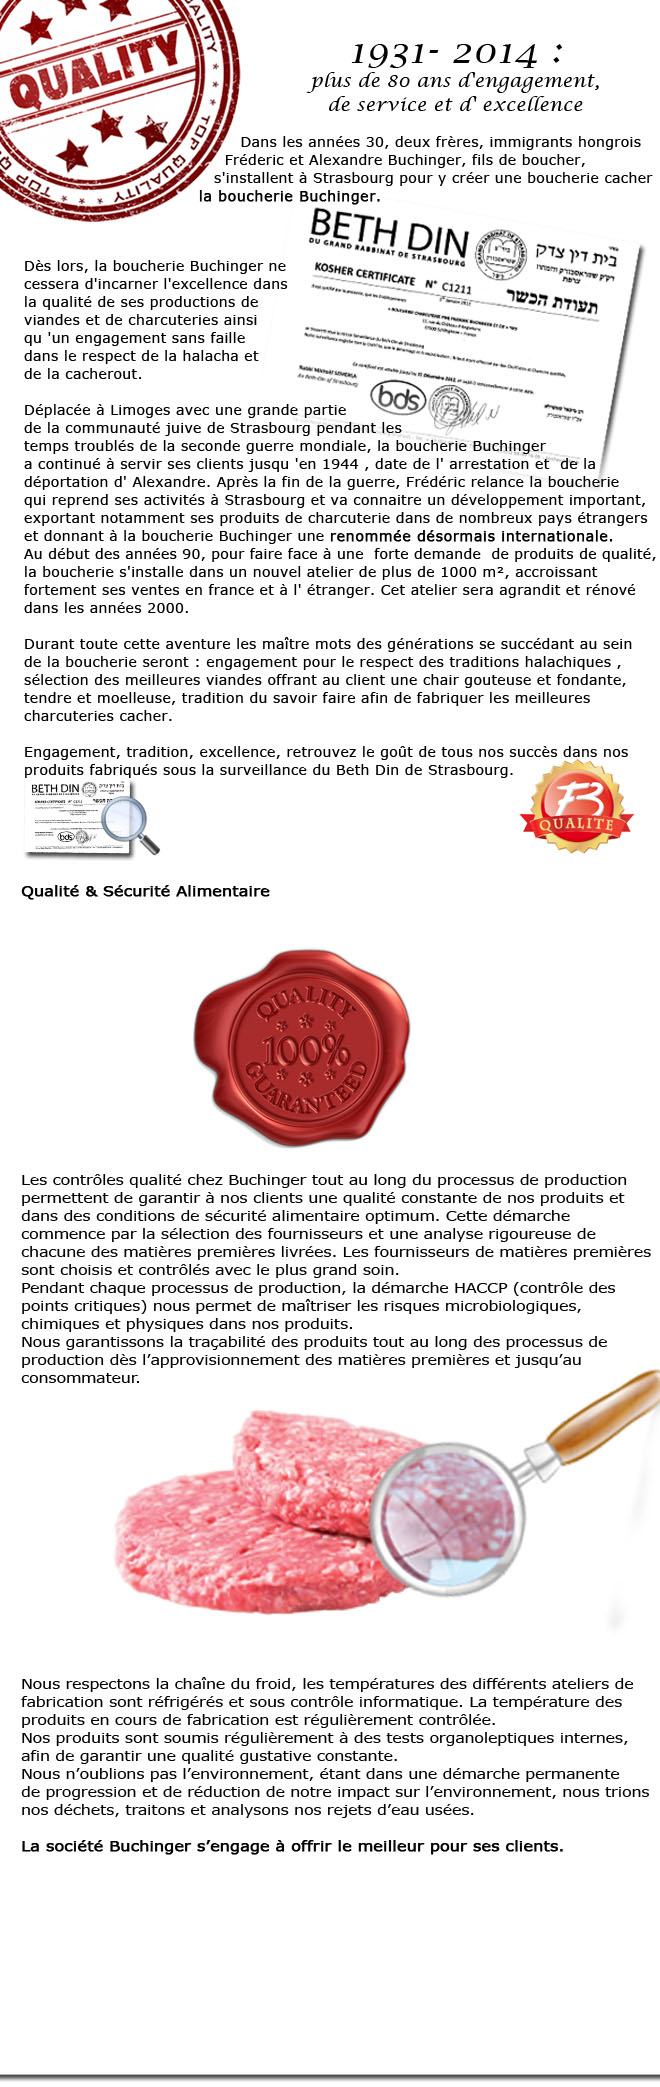 Qualité & Cacherout